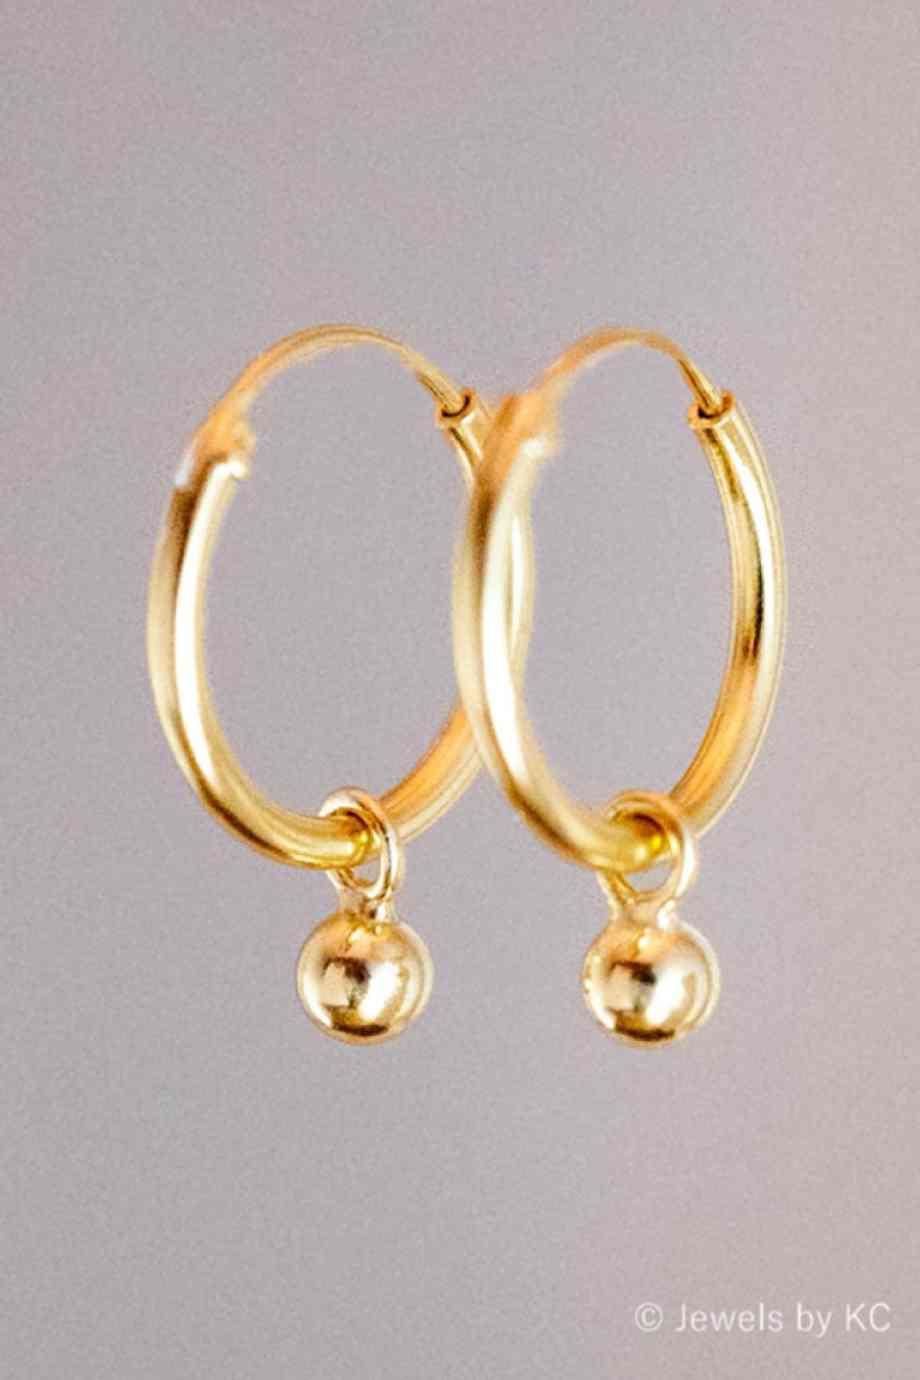 Gouden oorbellen met bolletjes van Goud op Zilver